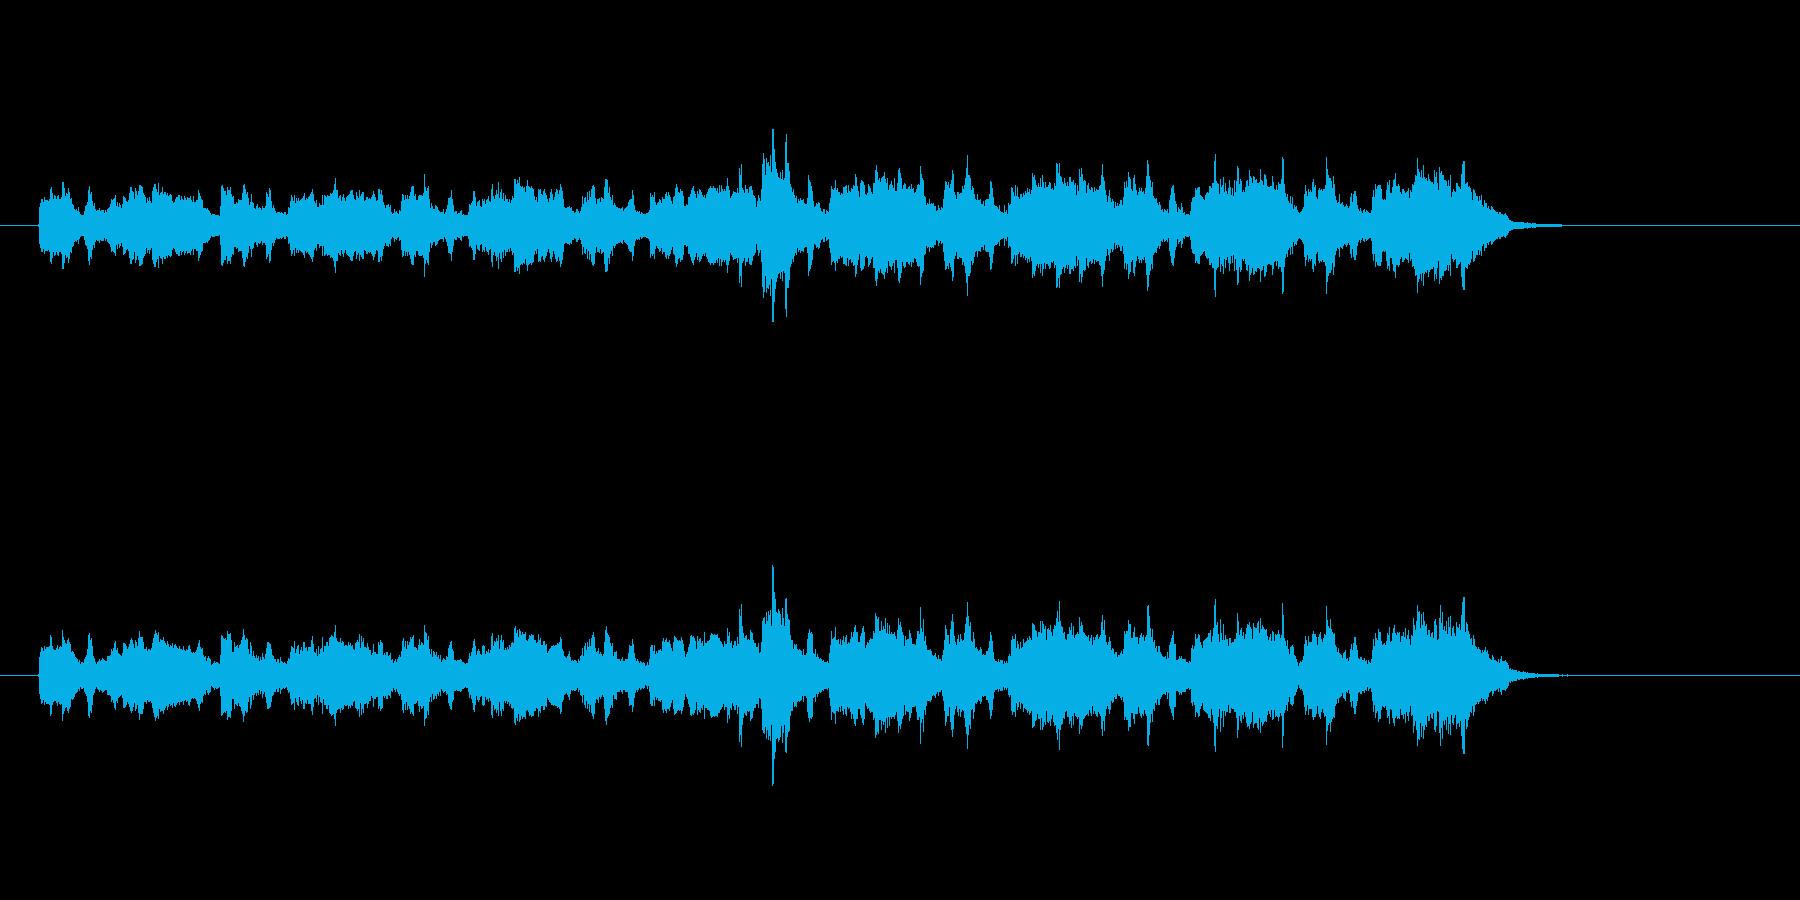 マイナー調バロック音楽風の再生済みの波形